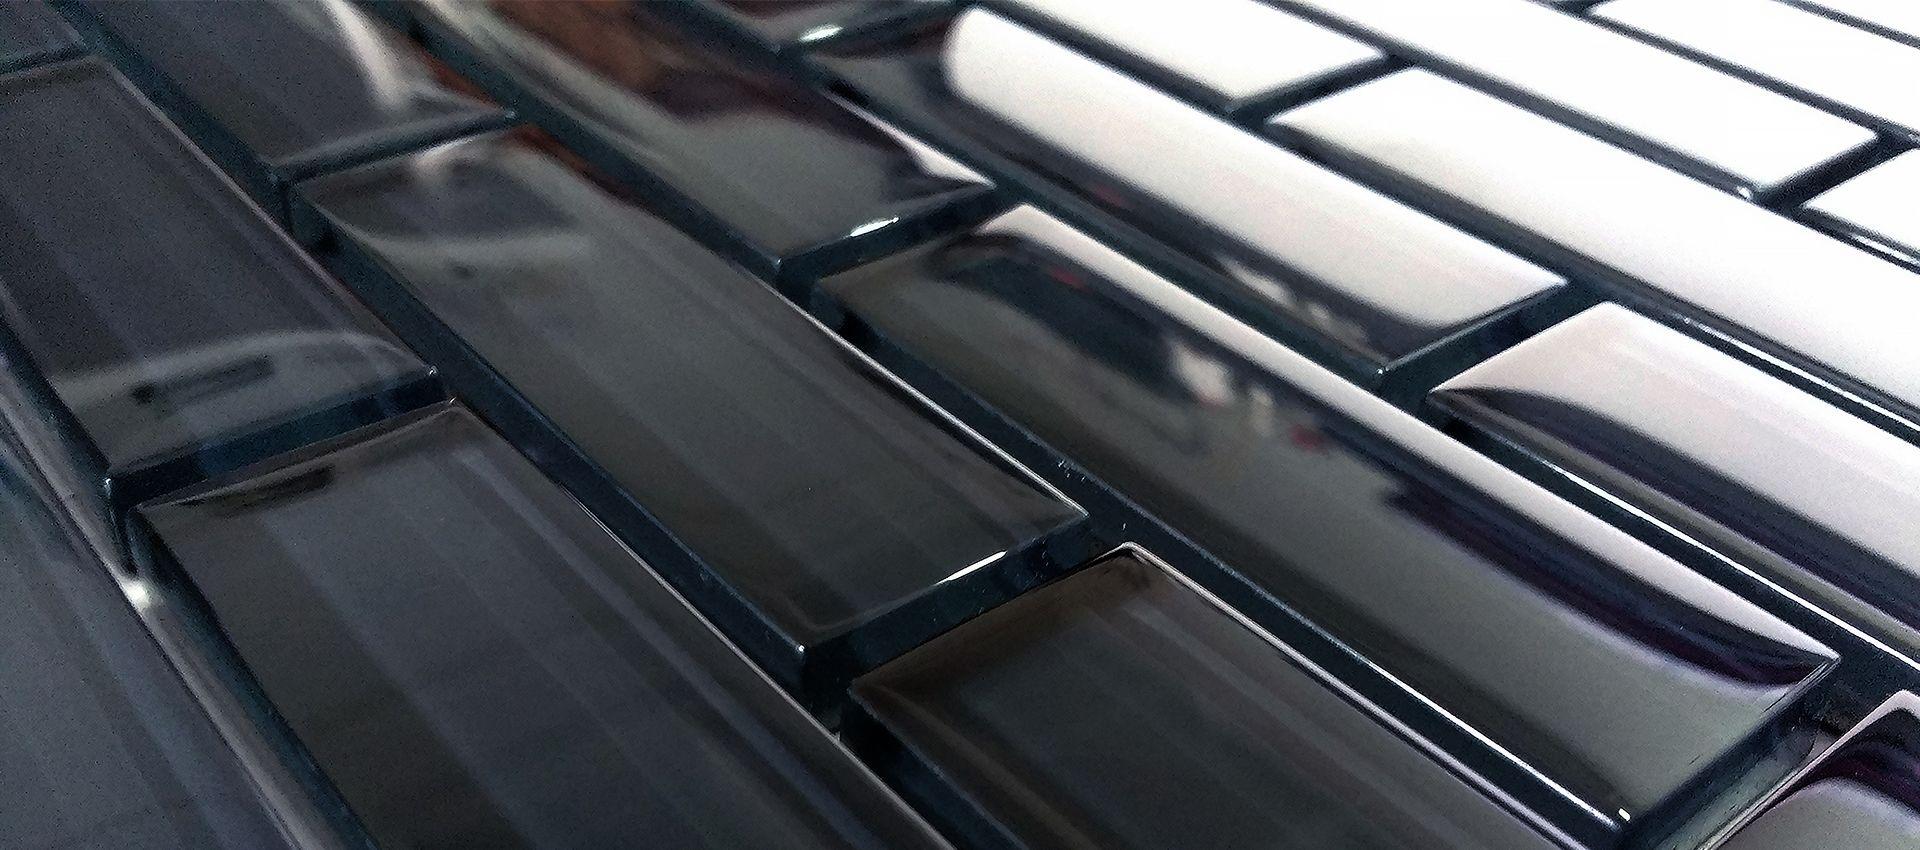 Płytki Szklane Duży Wybór Dekoracji Szklanych Do Kuchni I